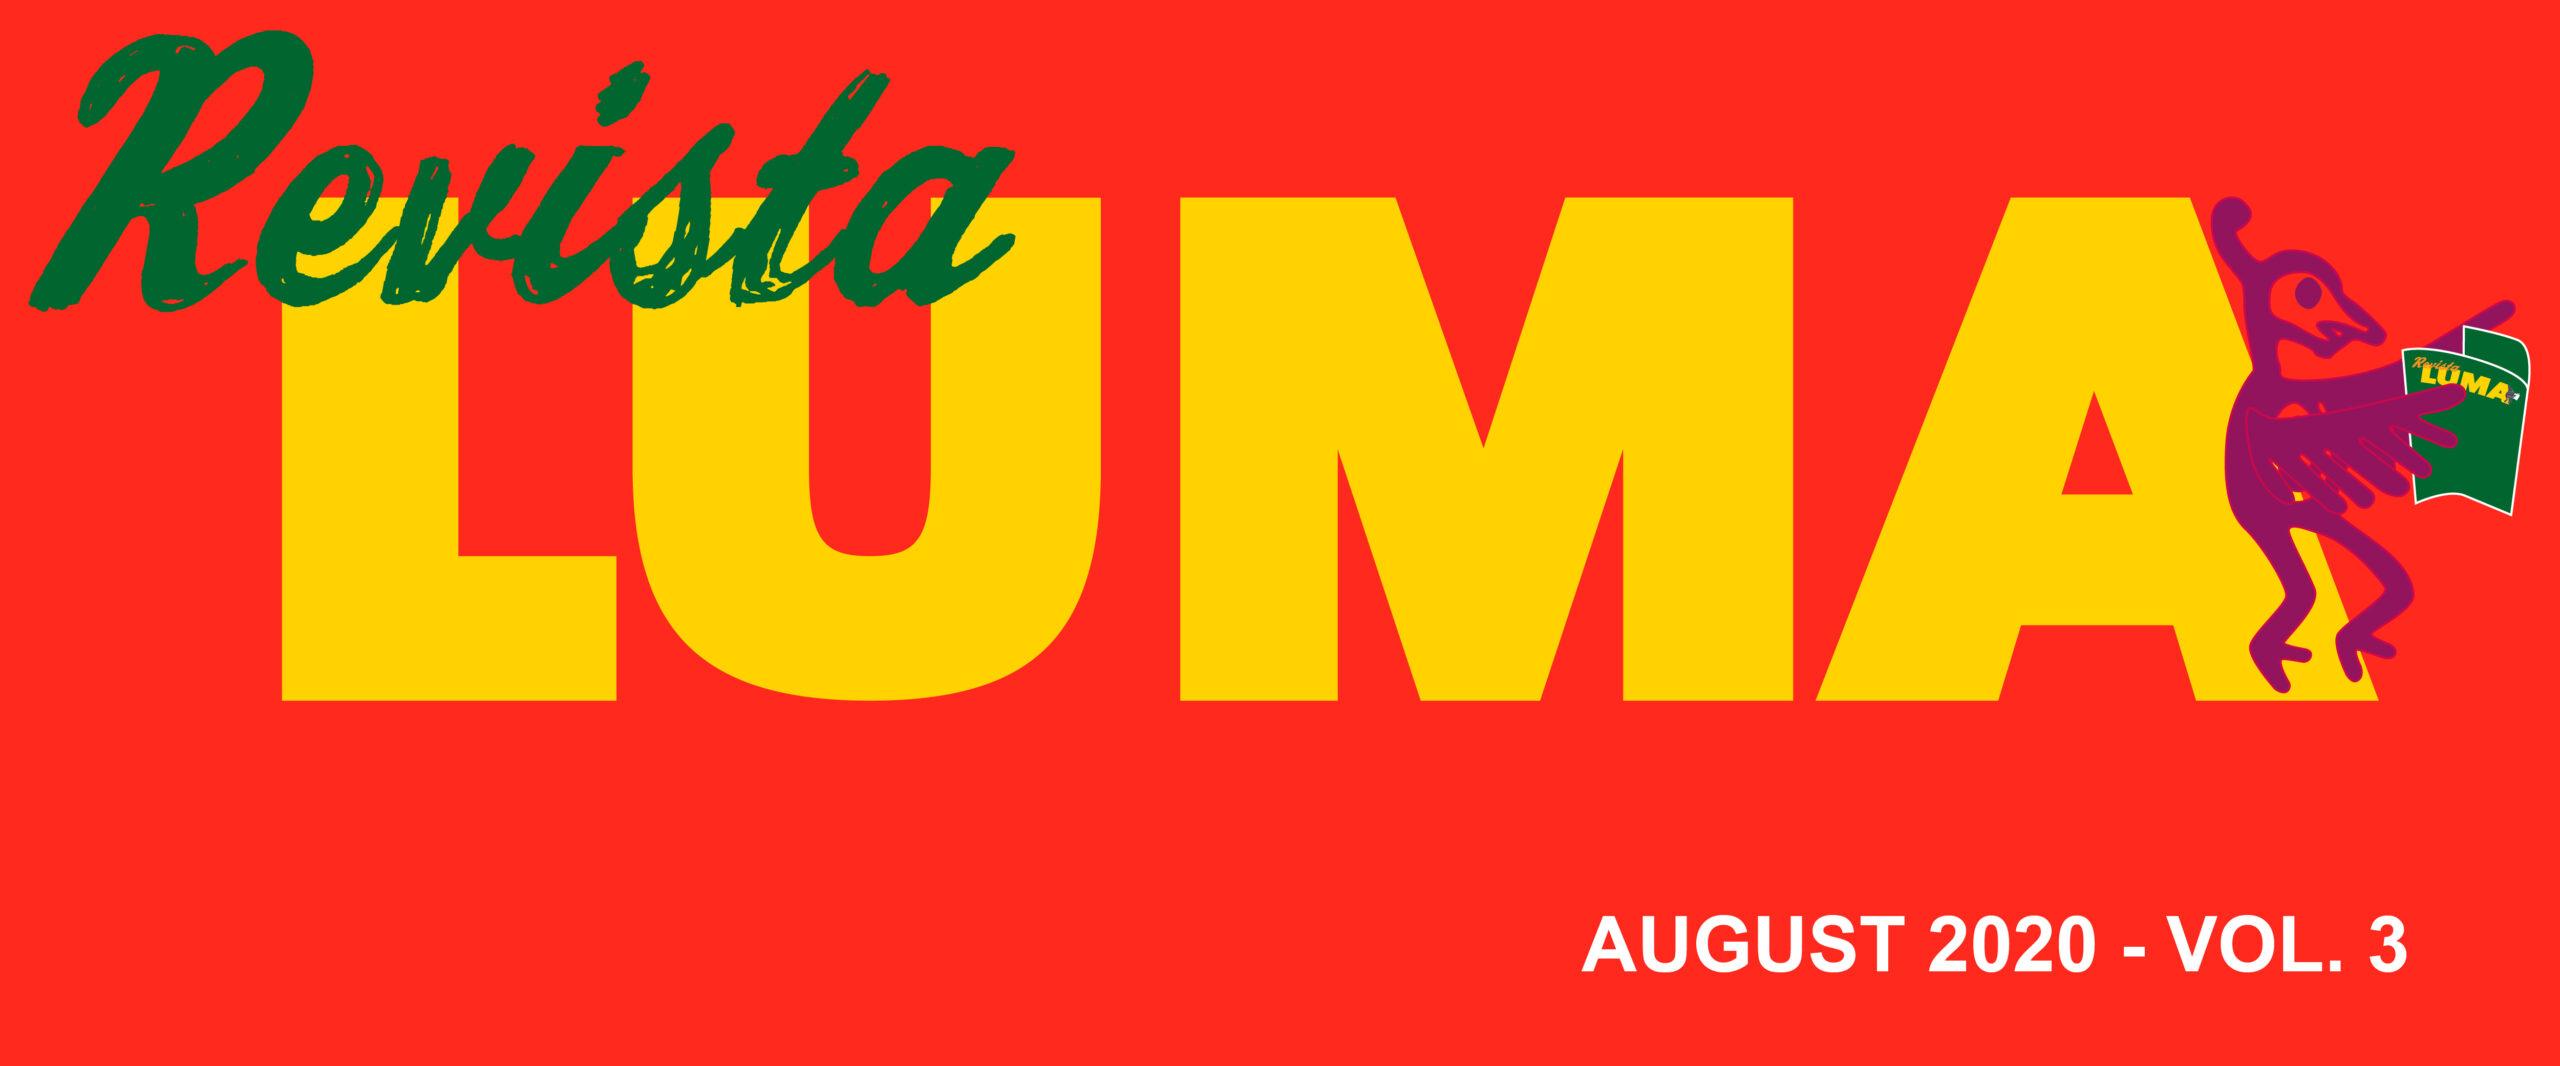 LUMA-RevistaHeader Vol 3